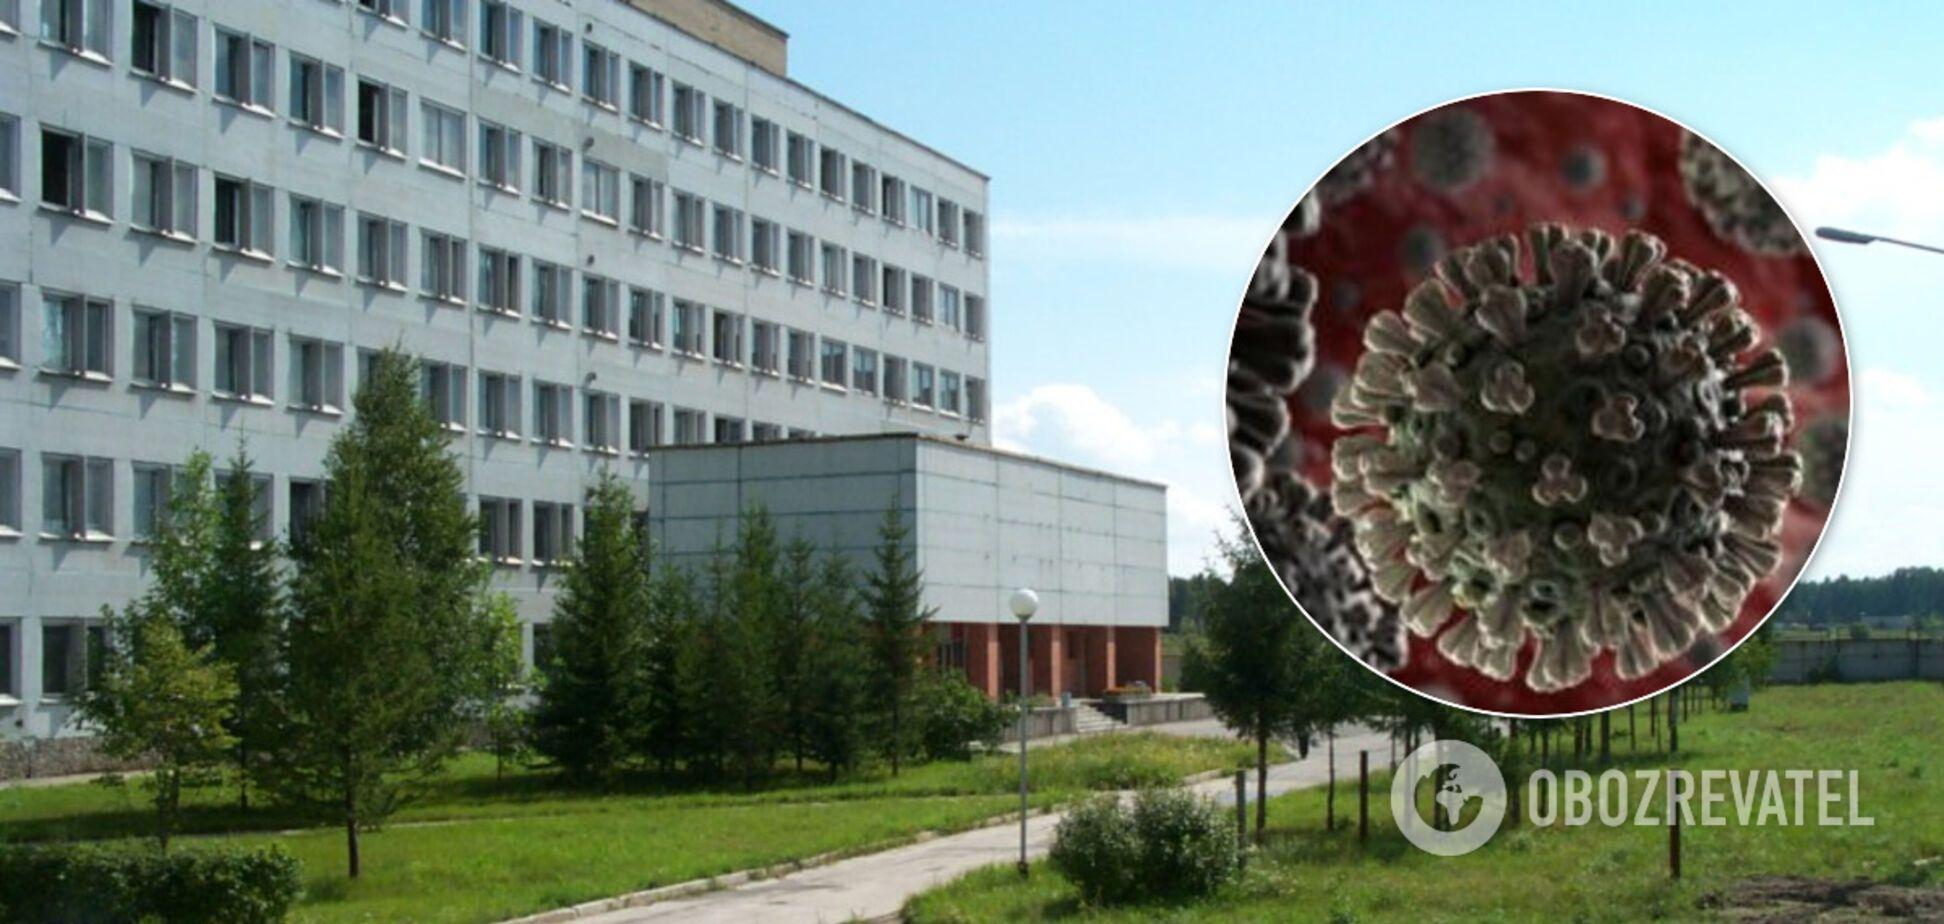 Как Россия занесла коронавирус в Ухань: сокурсник Путина рассказал о засекреченном взрыве